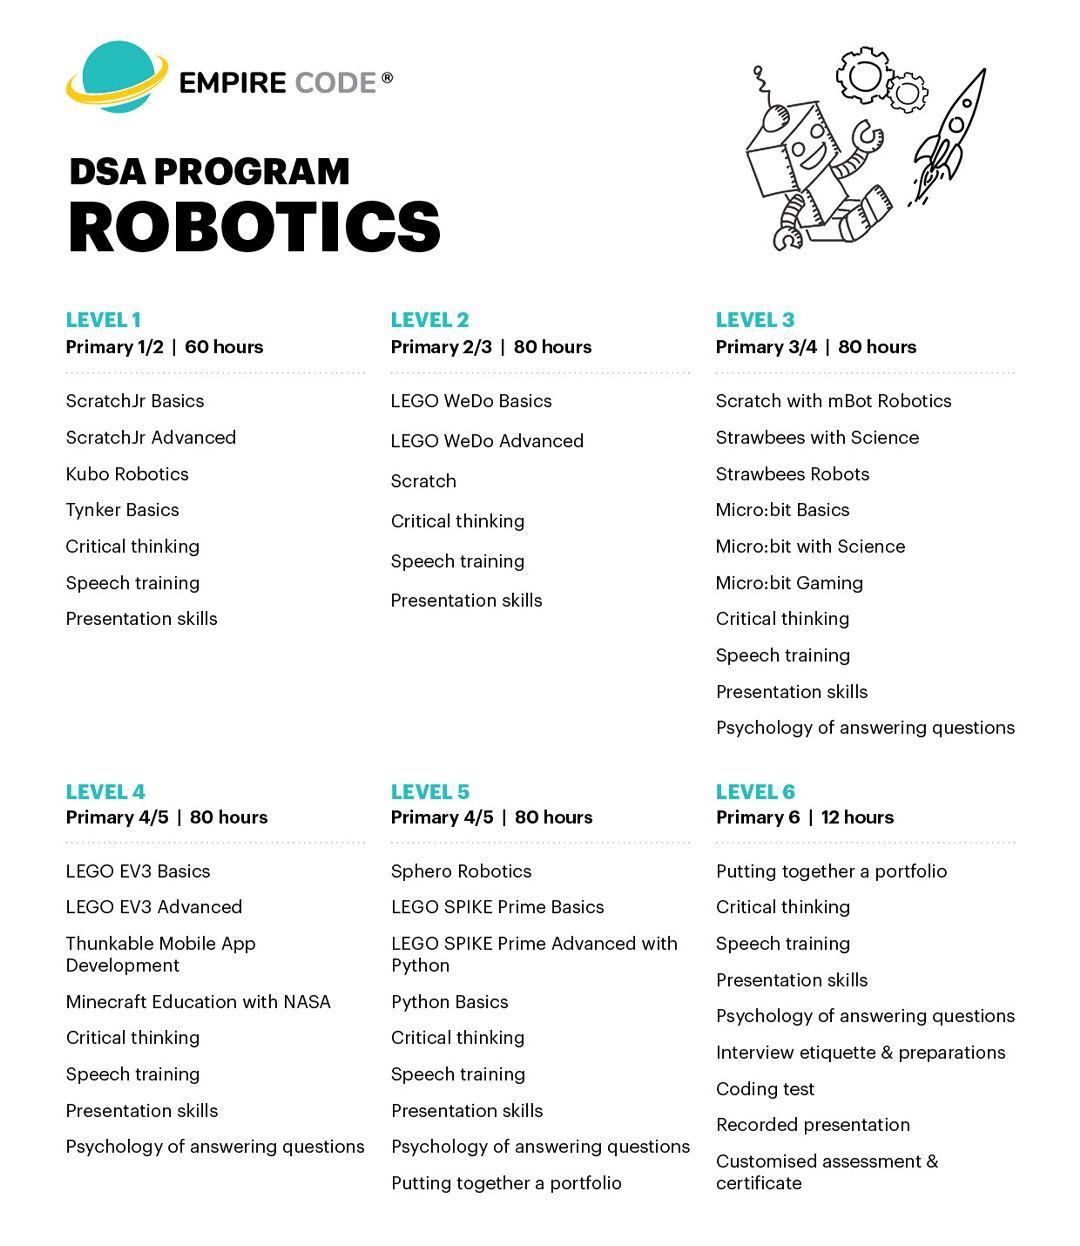 Empire Code DSA Robotics Program